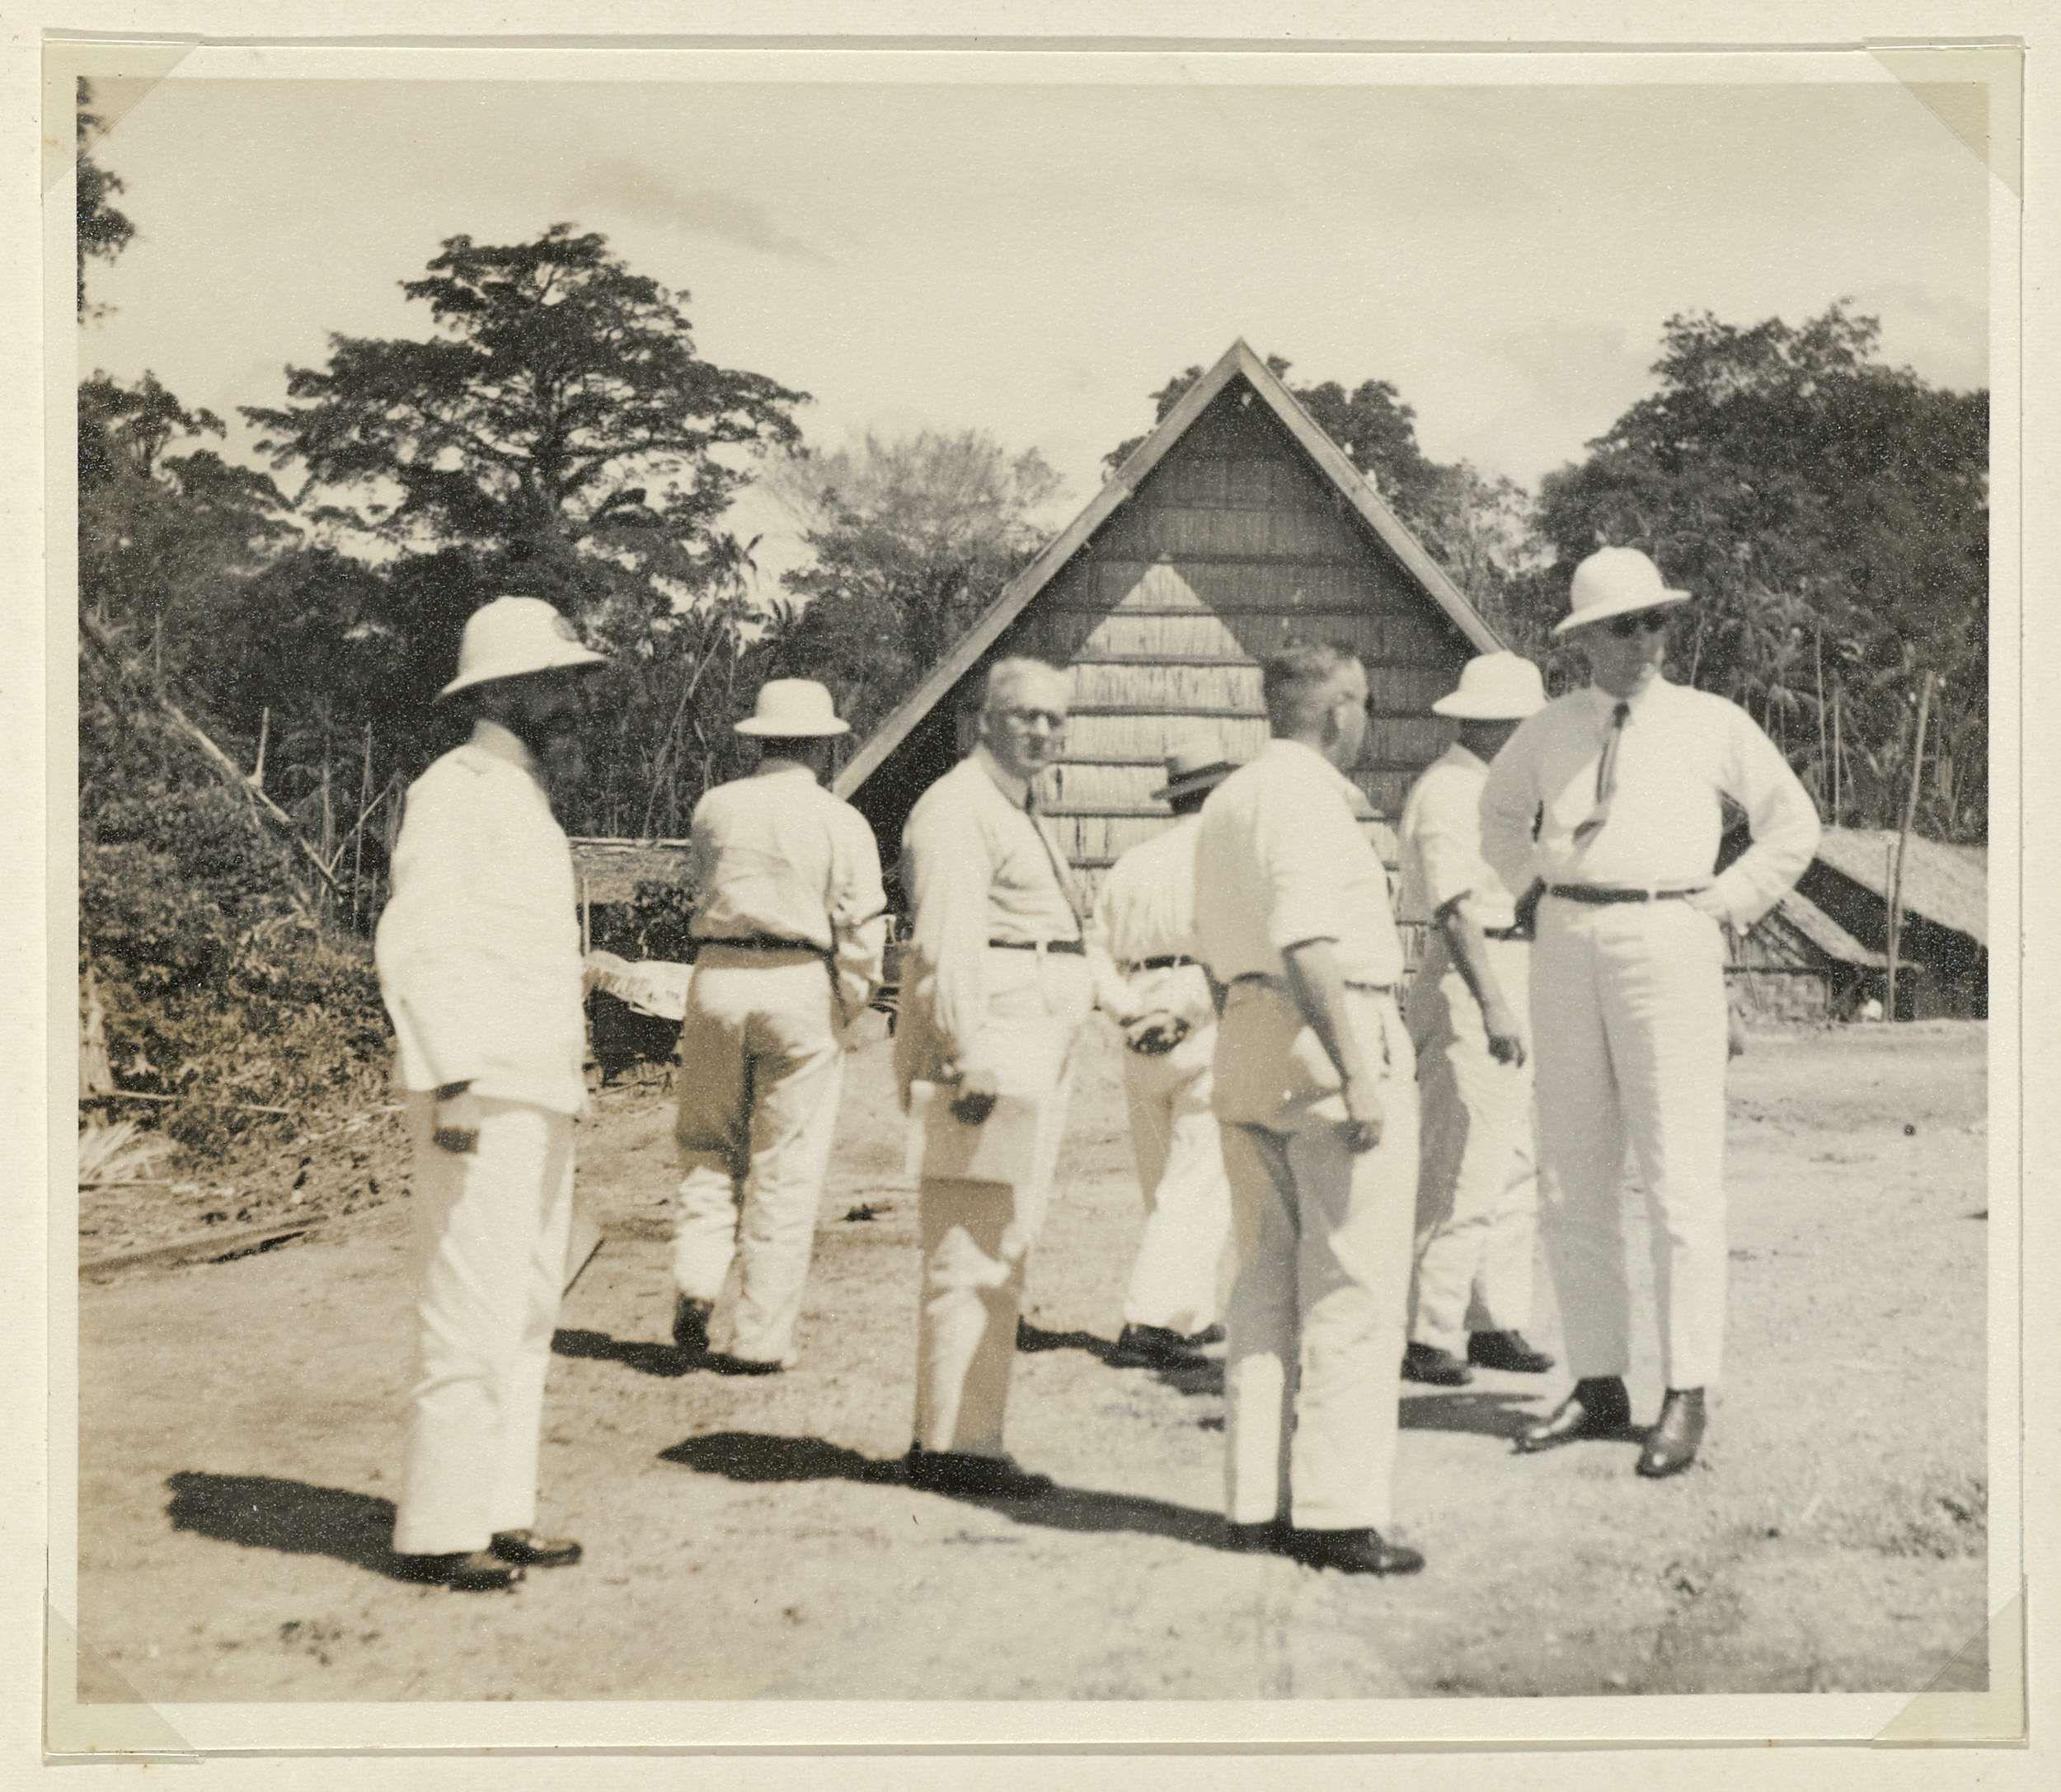 Anonymous   Genodigden op het terrein, Anonymous, 1935   Genodigden met elkaar in gesprek op het terrein. Foto in het fotoalbum samengesteld ter gelegenheid van de feestelijke ingebruikstelling van de pijpleiding van Tempino naar Pladjoe op Sumatra door de Nederlandsch-Indische Aardolie Maatschappij (NIAM) op 15 november 1935.